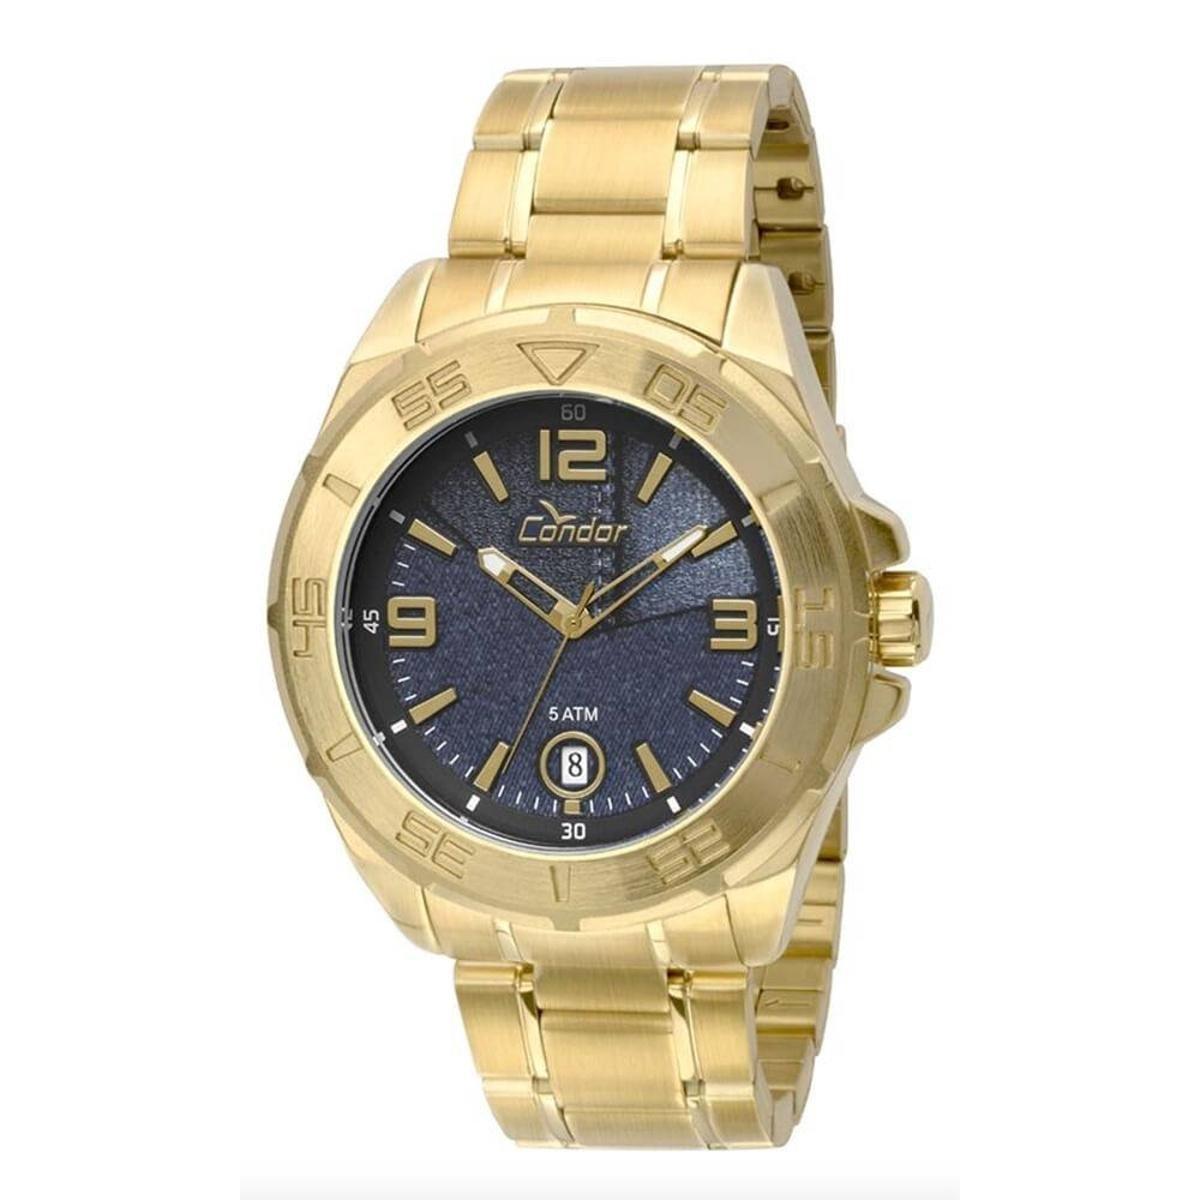 dcf56135e1a Relógio Condor Masculino - Dourado - Compre Agora